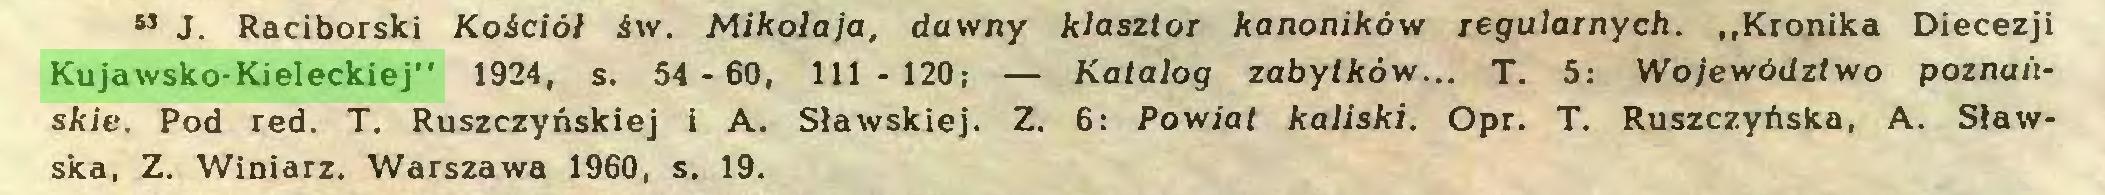 """(...) ** J. Raciborski Kościół św. Mikołaja, dawny klasztor kanoników regularnych. """"Kronika Diecezji Kujawsko-Kieleckiej"""" 1924, s. 54 - 60, 111 - 120; — Katalog zabytków... T. 5: Województwo poznańskie. Pod red. T. Ruszczyńskiej 1 A. Sławskiej. Z. 6: Powiat kaliski. Opr. T. Ruszczyńska, A. Sławska, Z. Winiarz. Warszawa 1960, s. 19..."""